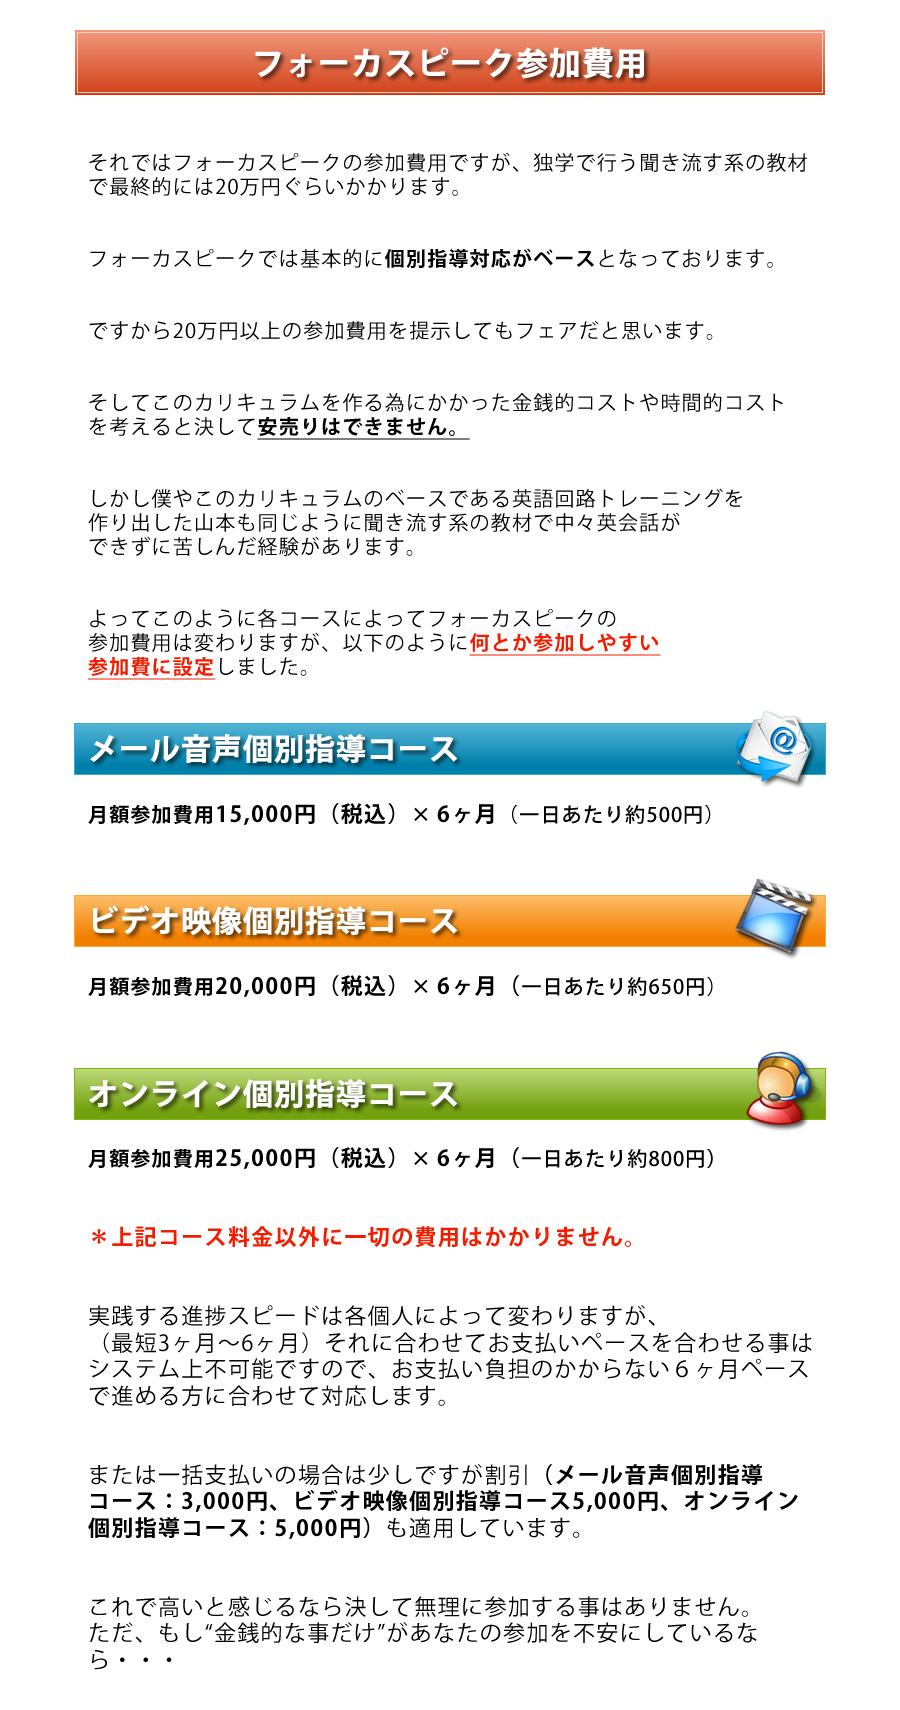 fs-course-7